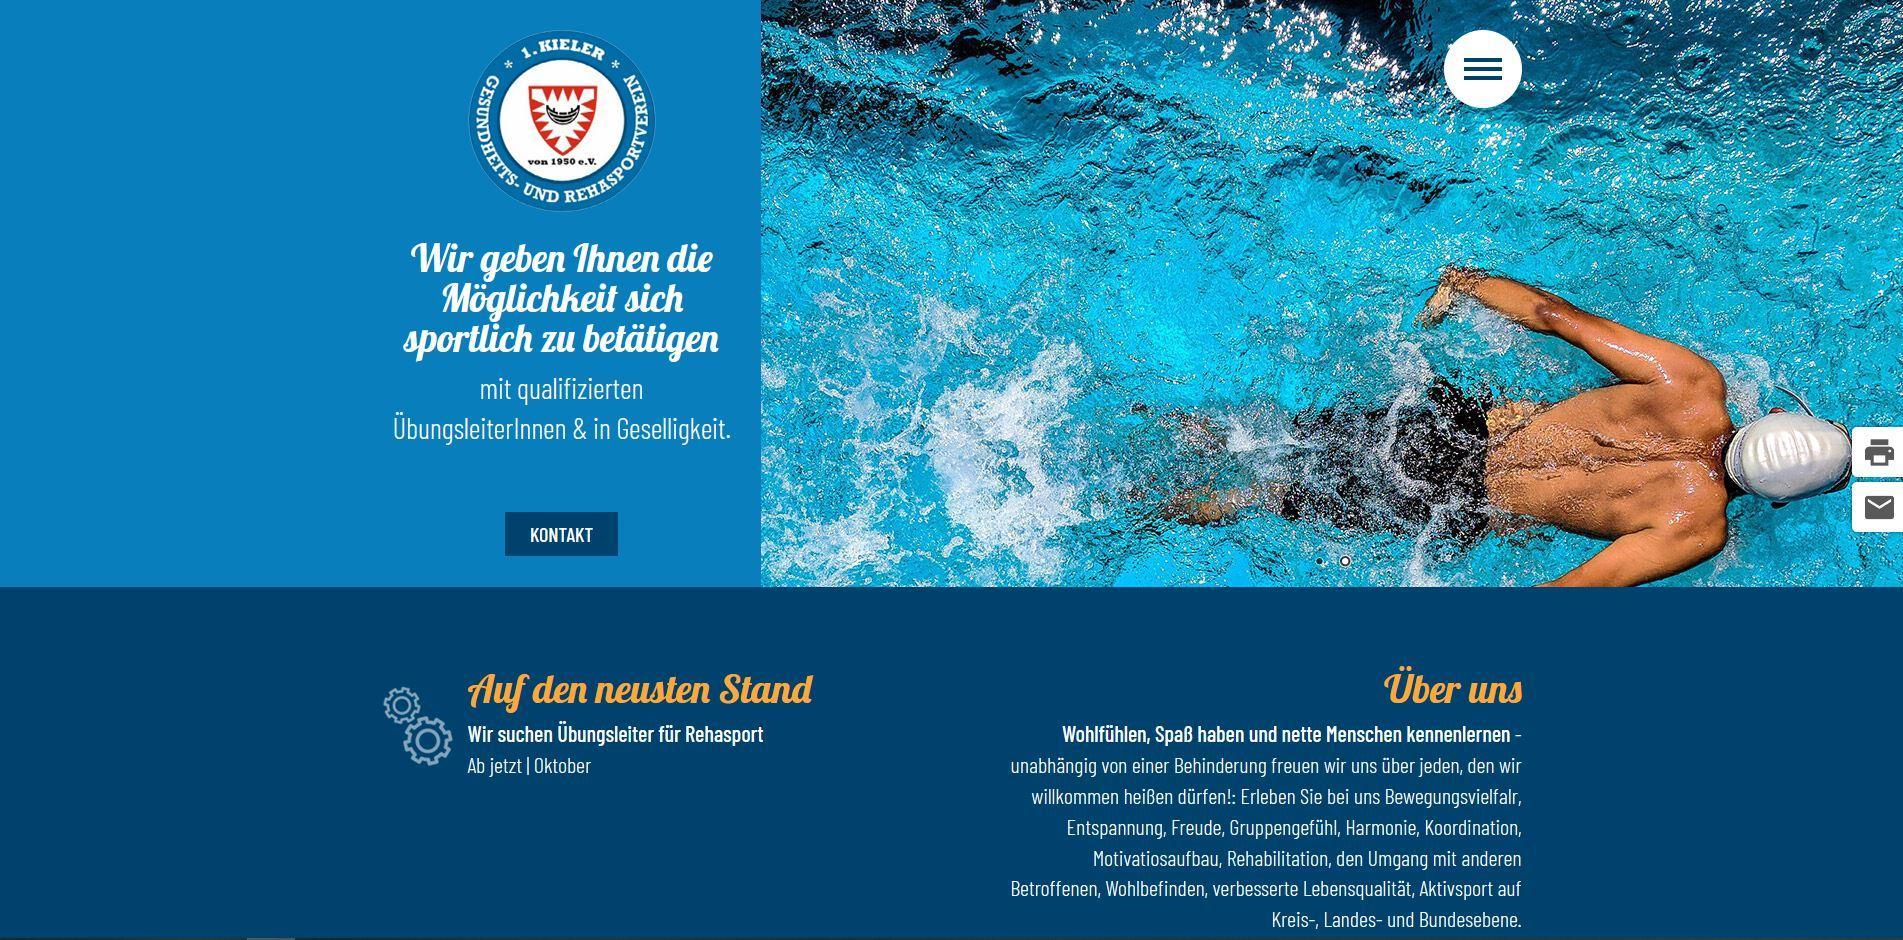 1. Kieler Gesundheits- und Rehasportverein